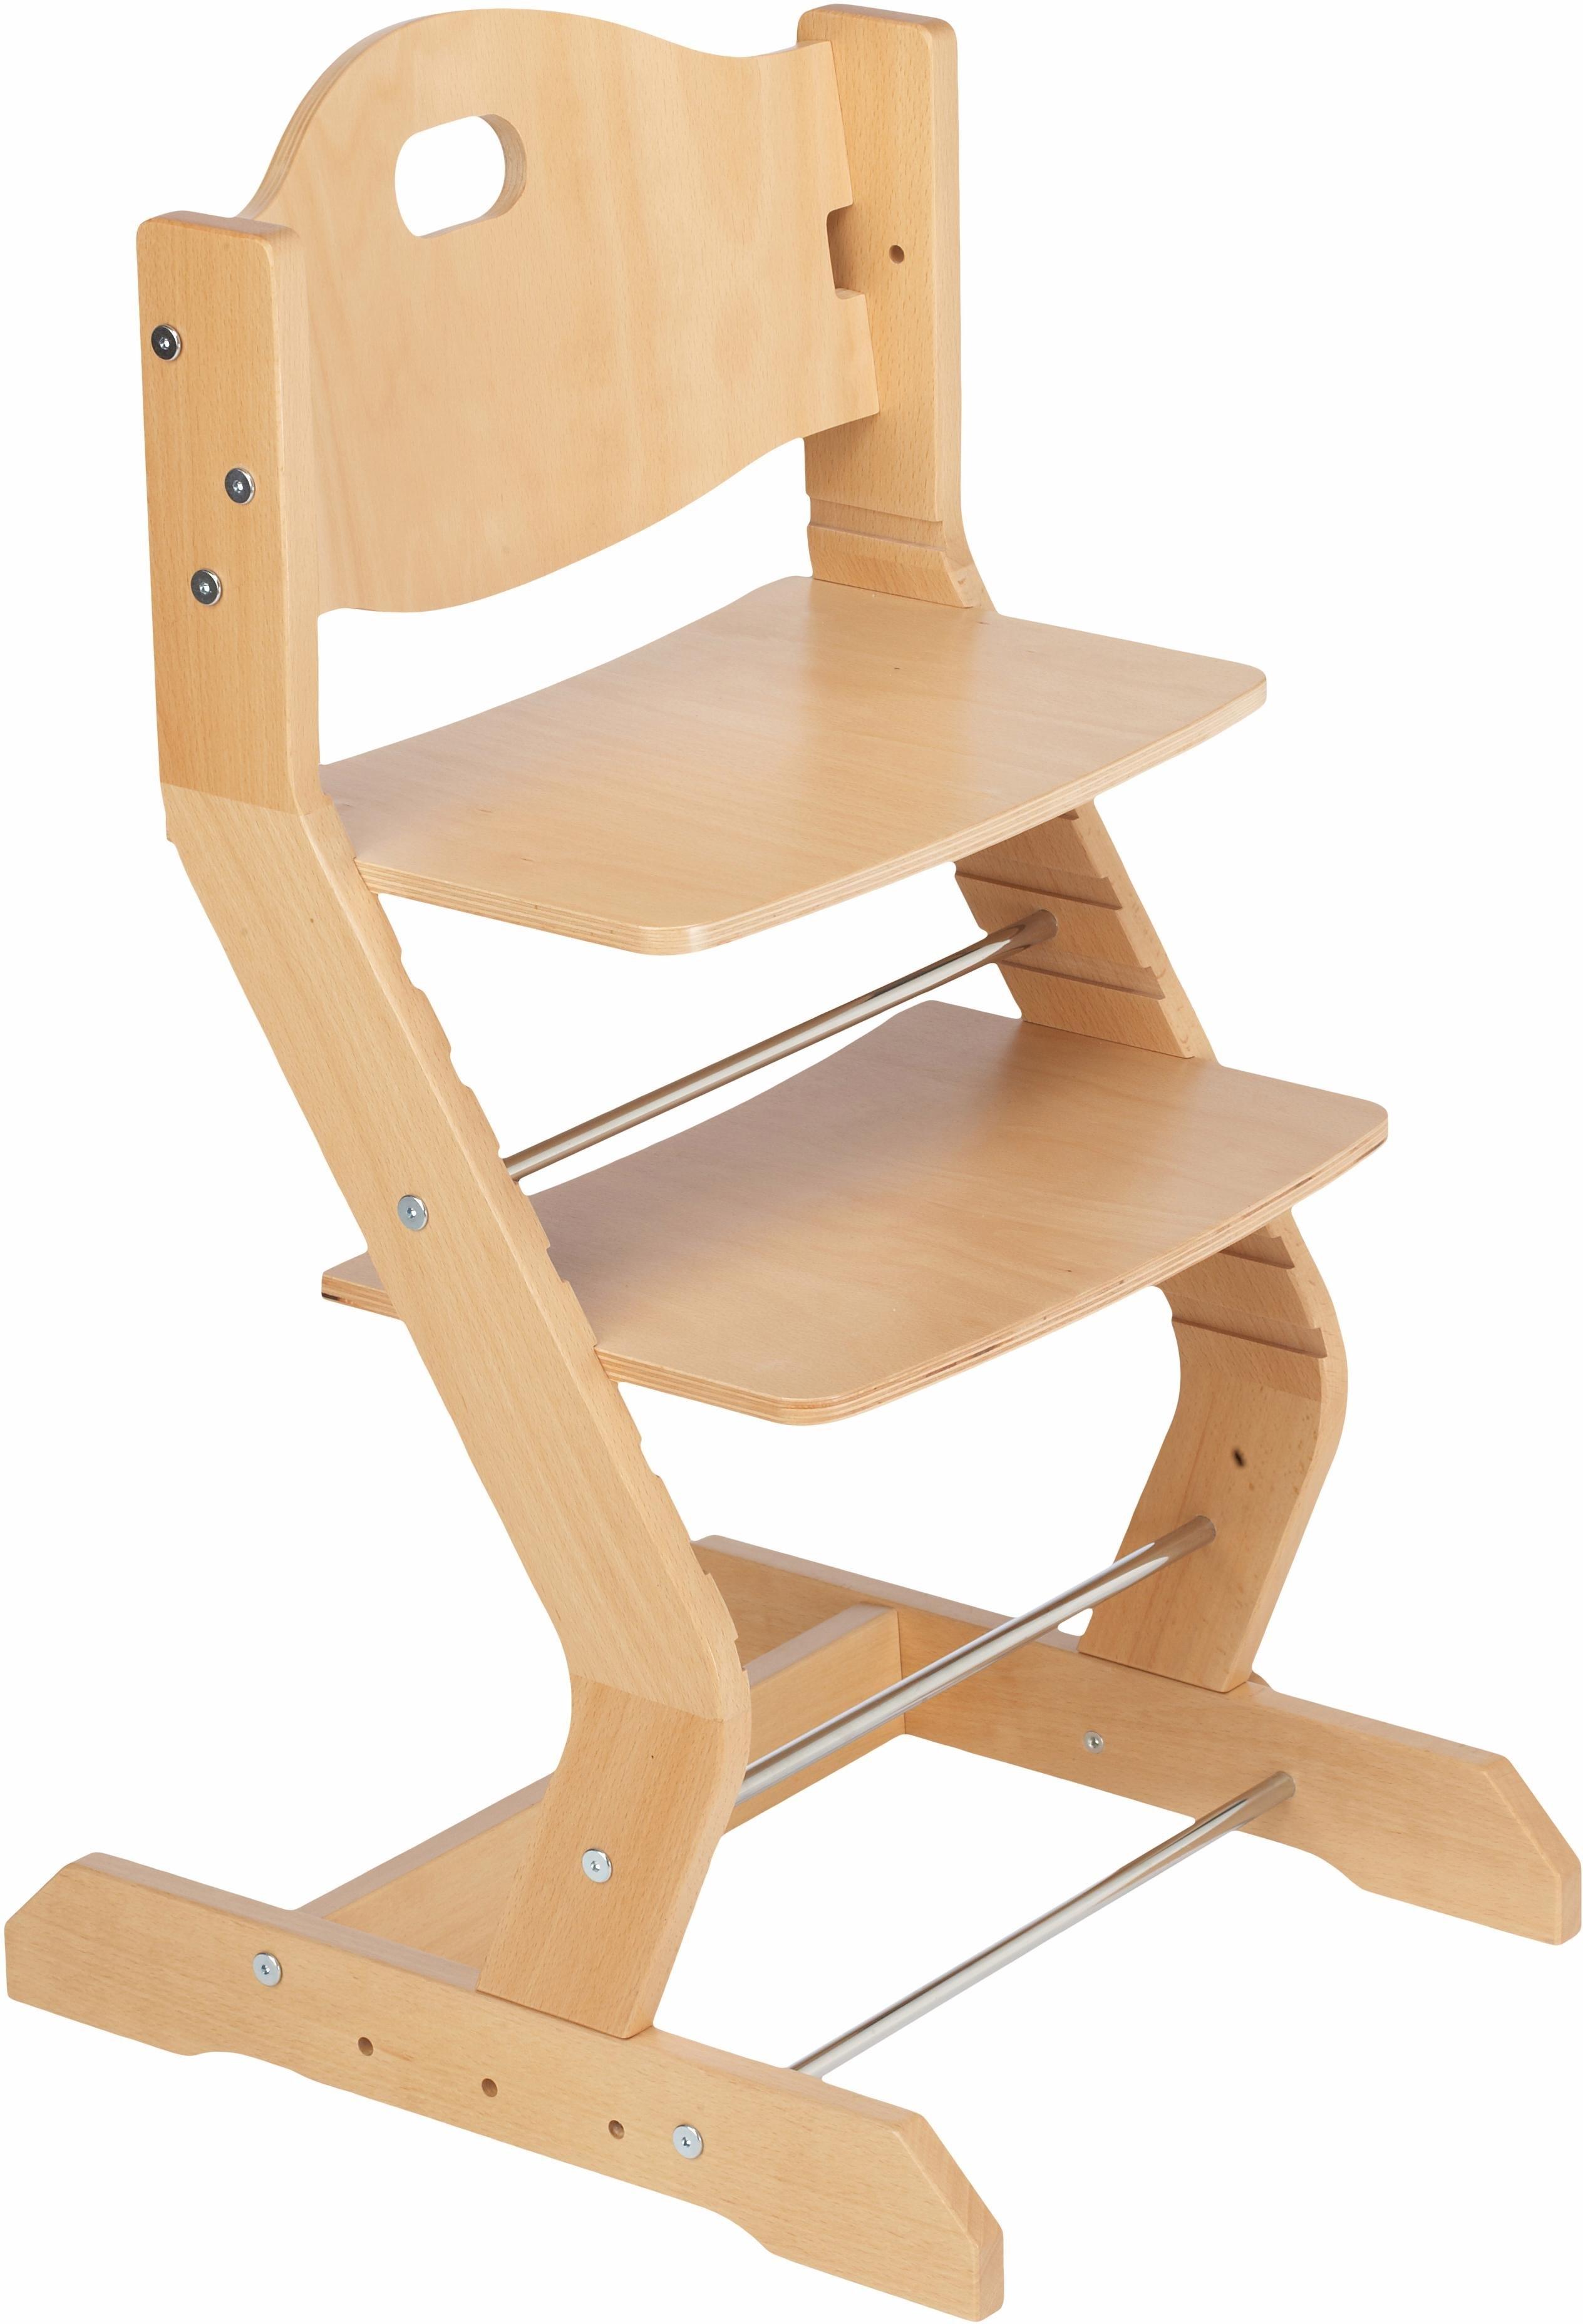 tiSsi kinderstoel Frame naturel-beuken van hout; made in europe online kopen op otto.nl